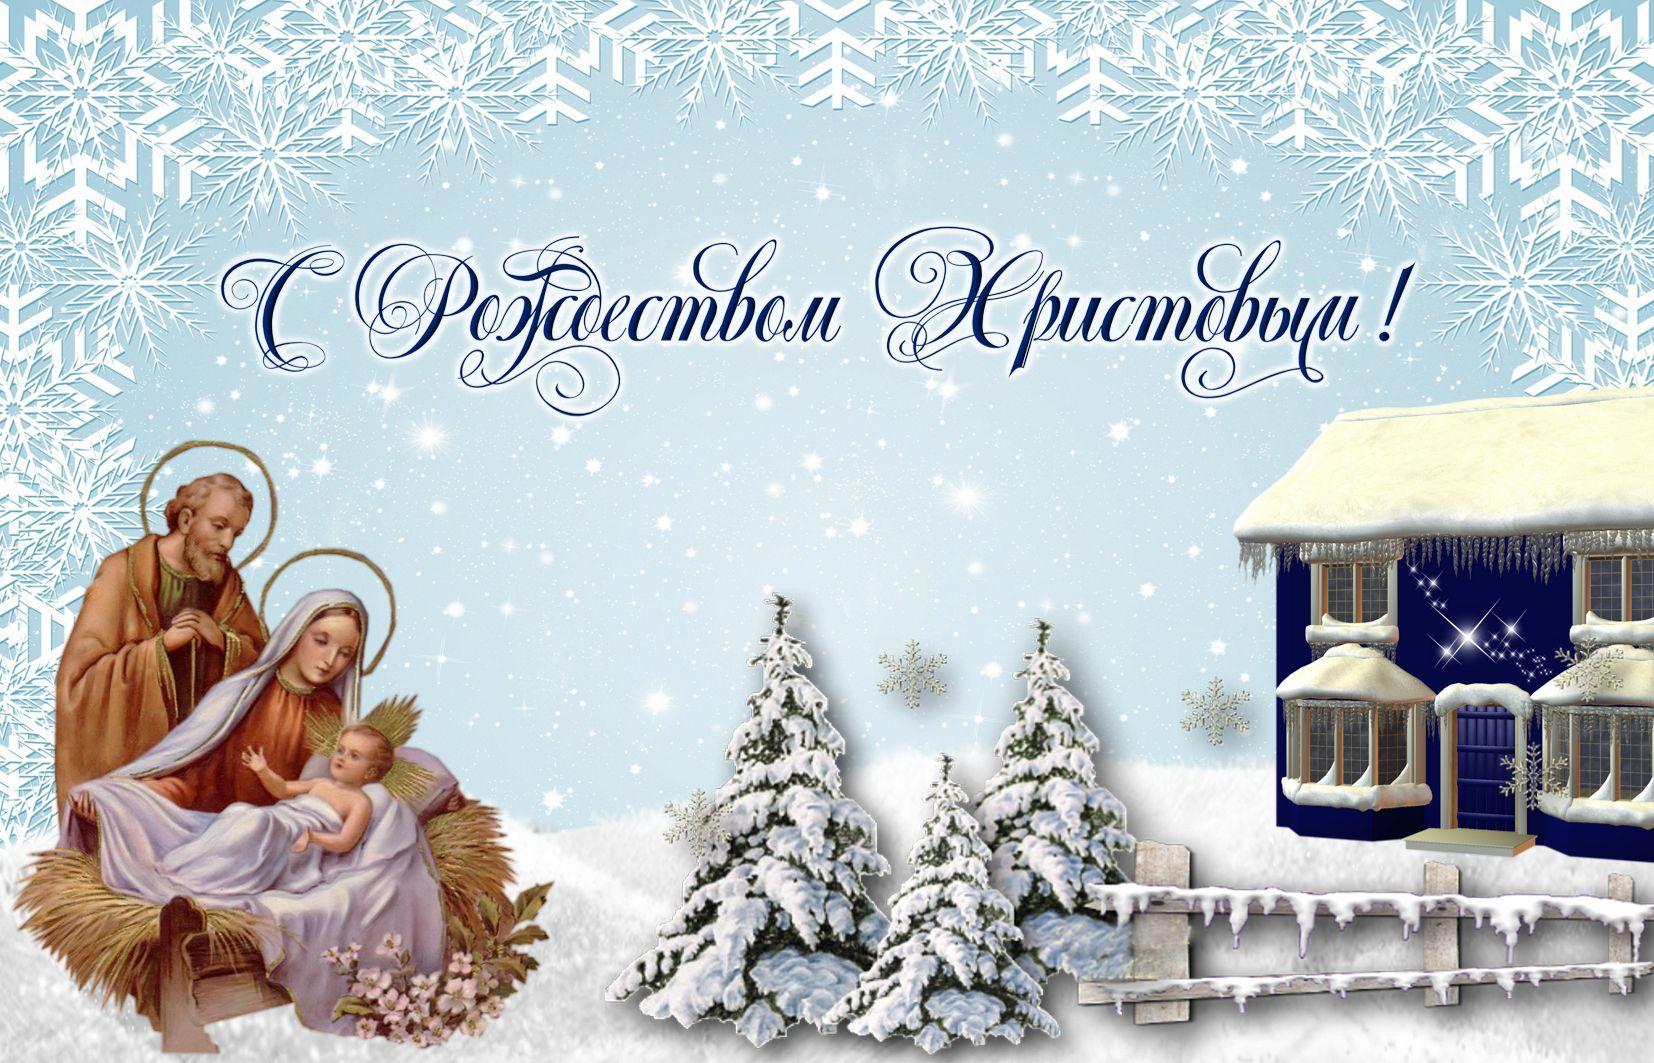 Картинка поздравляем с рождеством